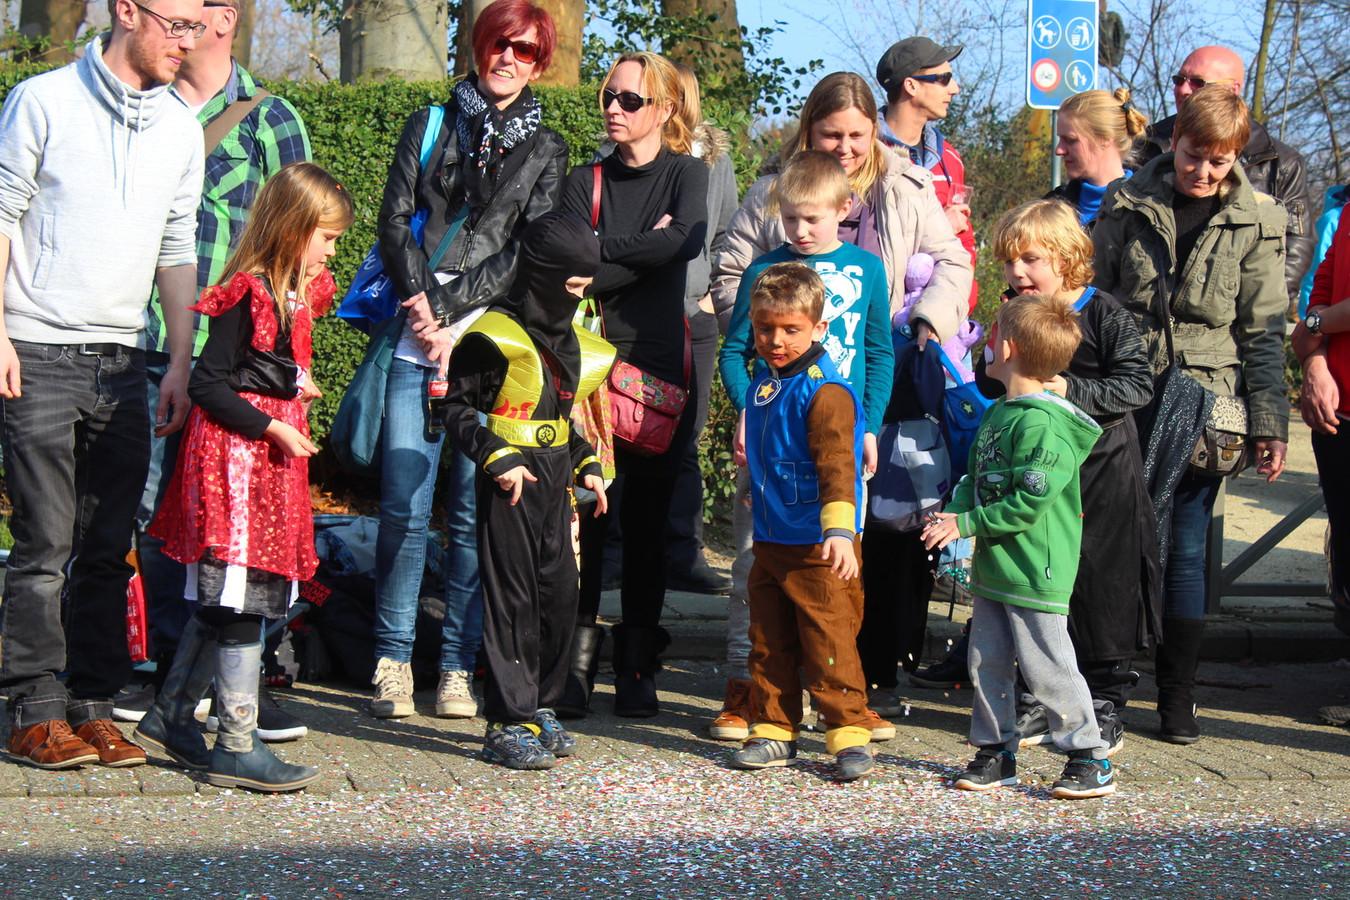 Confetti en snoep zoveel je kunt rapen: voor de kinderen was de stoet alvast geslaagd.